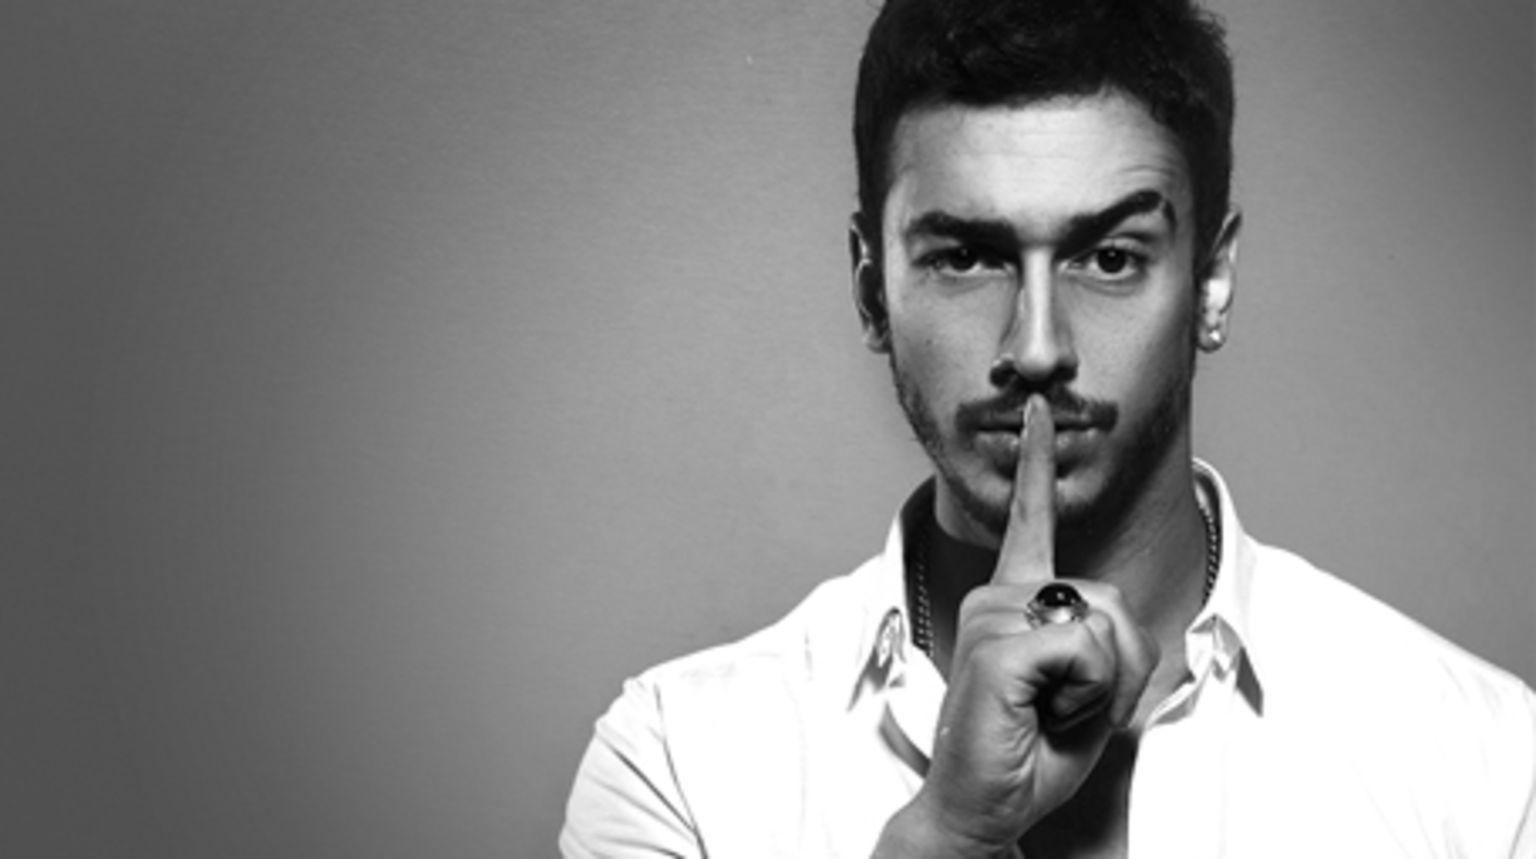 La superstar marocaine Saad Lamjarred passible de 25 ans de prison aux Etats-Unis pour viol